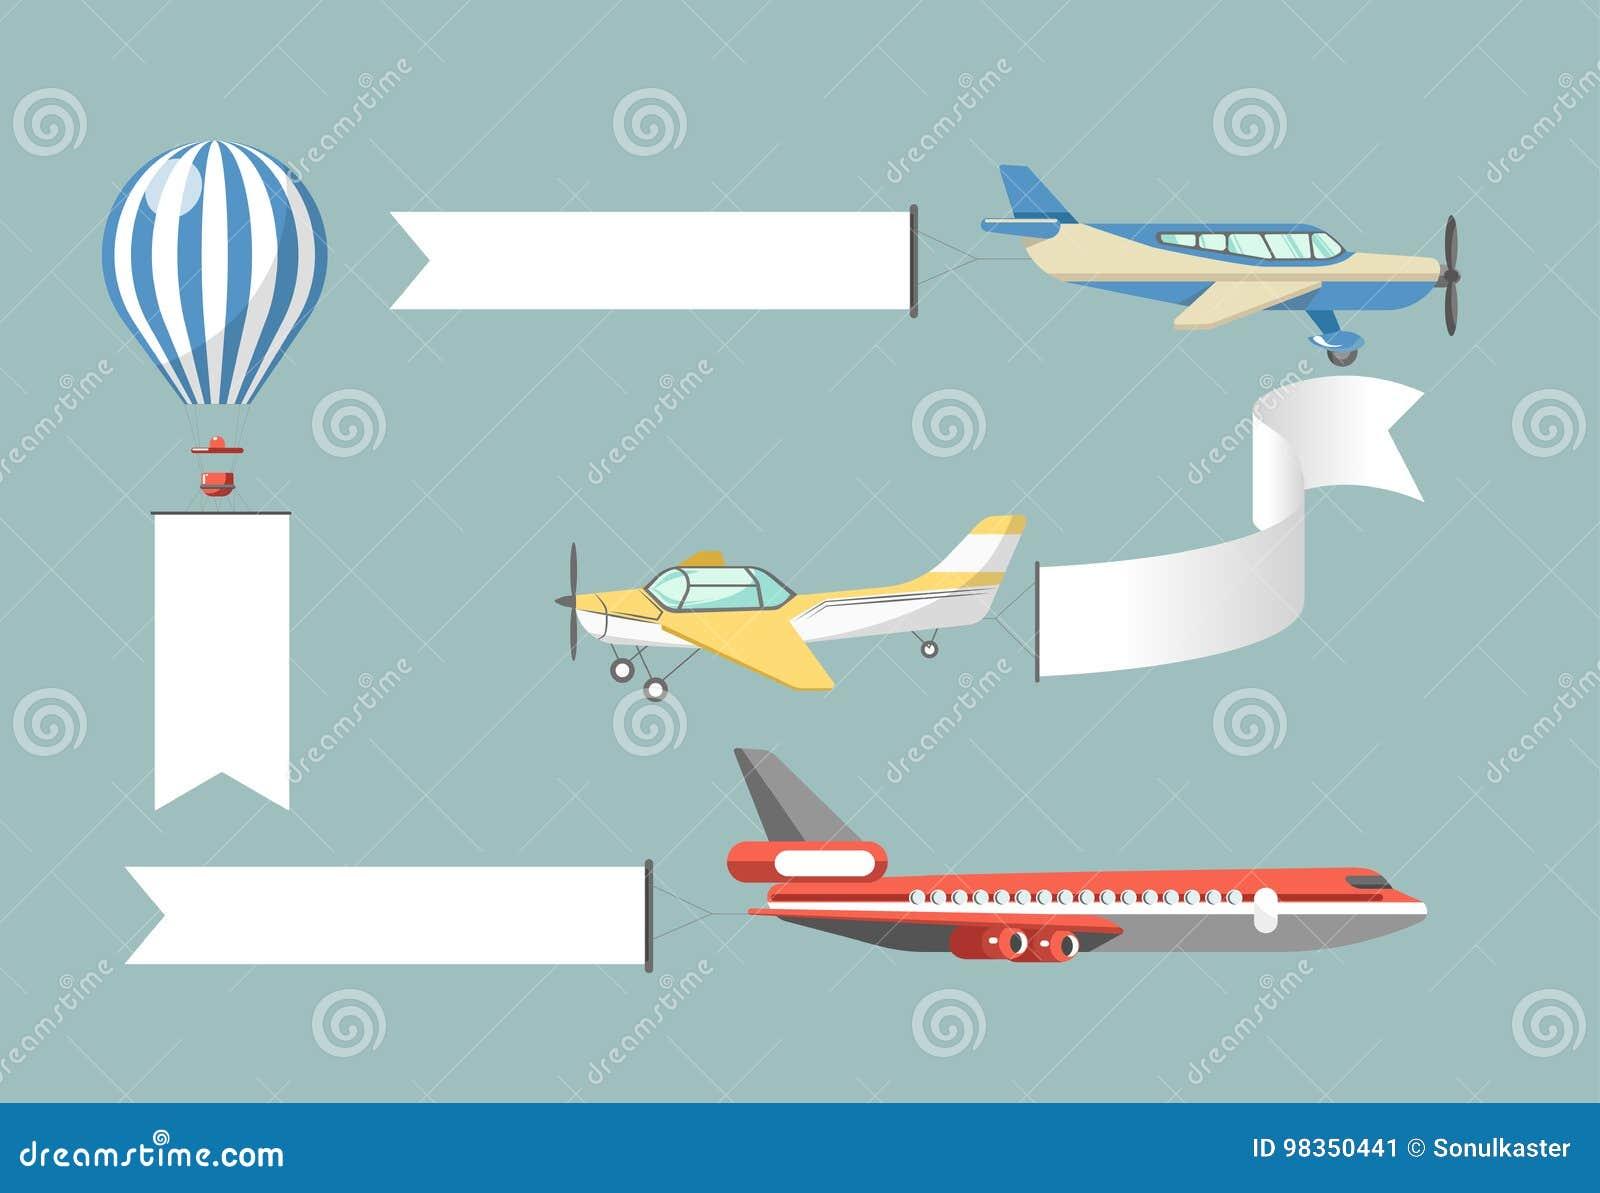 Reklama Czarni Plakaty Dołączali Samoloty Ilustracje